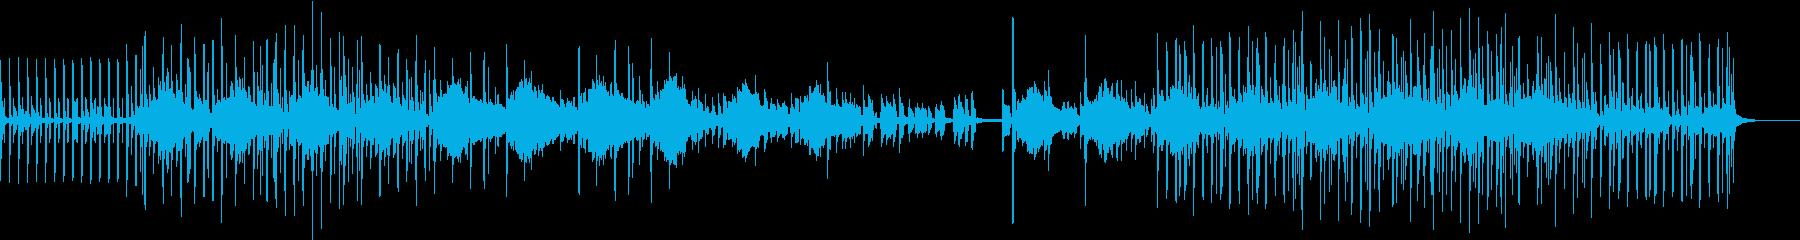 不気味さと陽気さを兼ね備えたテクノポップの再生済みの波形